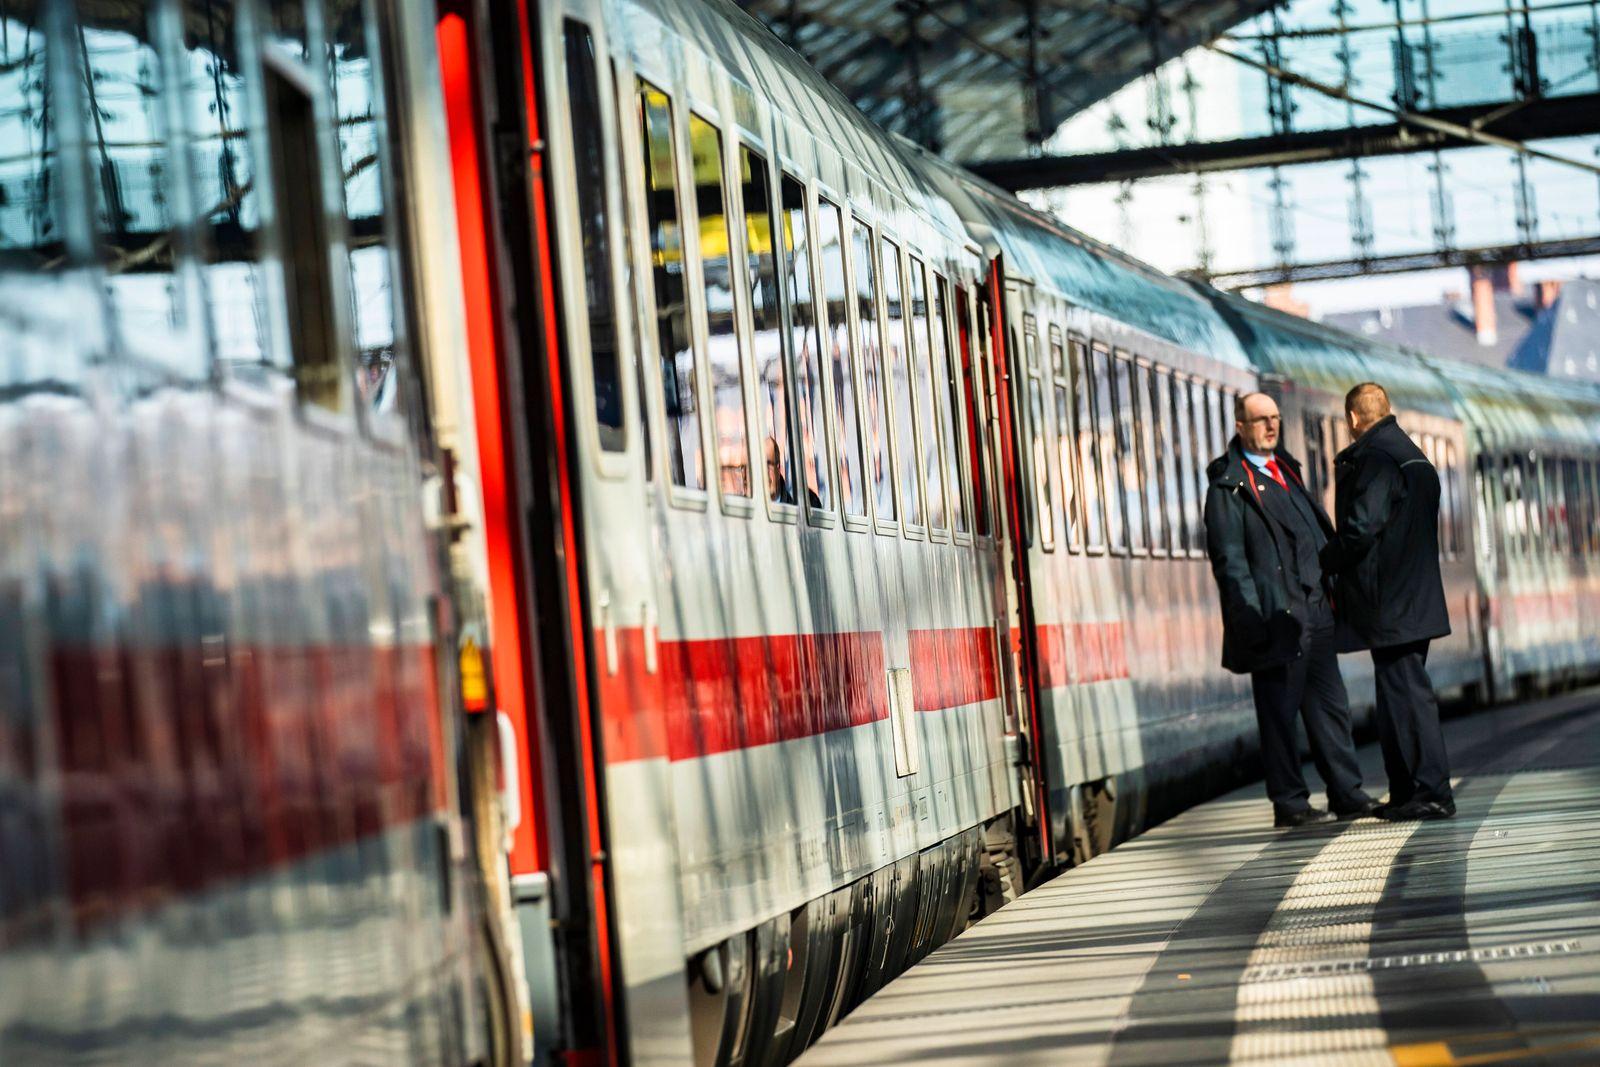 Zugbegleiter bei einem ICE Zug in Berlin am 25. Maerz 2020. Um die Verbreitung des Coronavirus (COVID-19) zu verlangsam